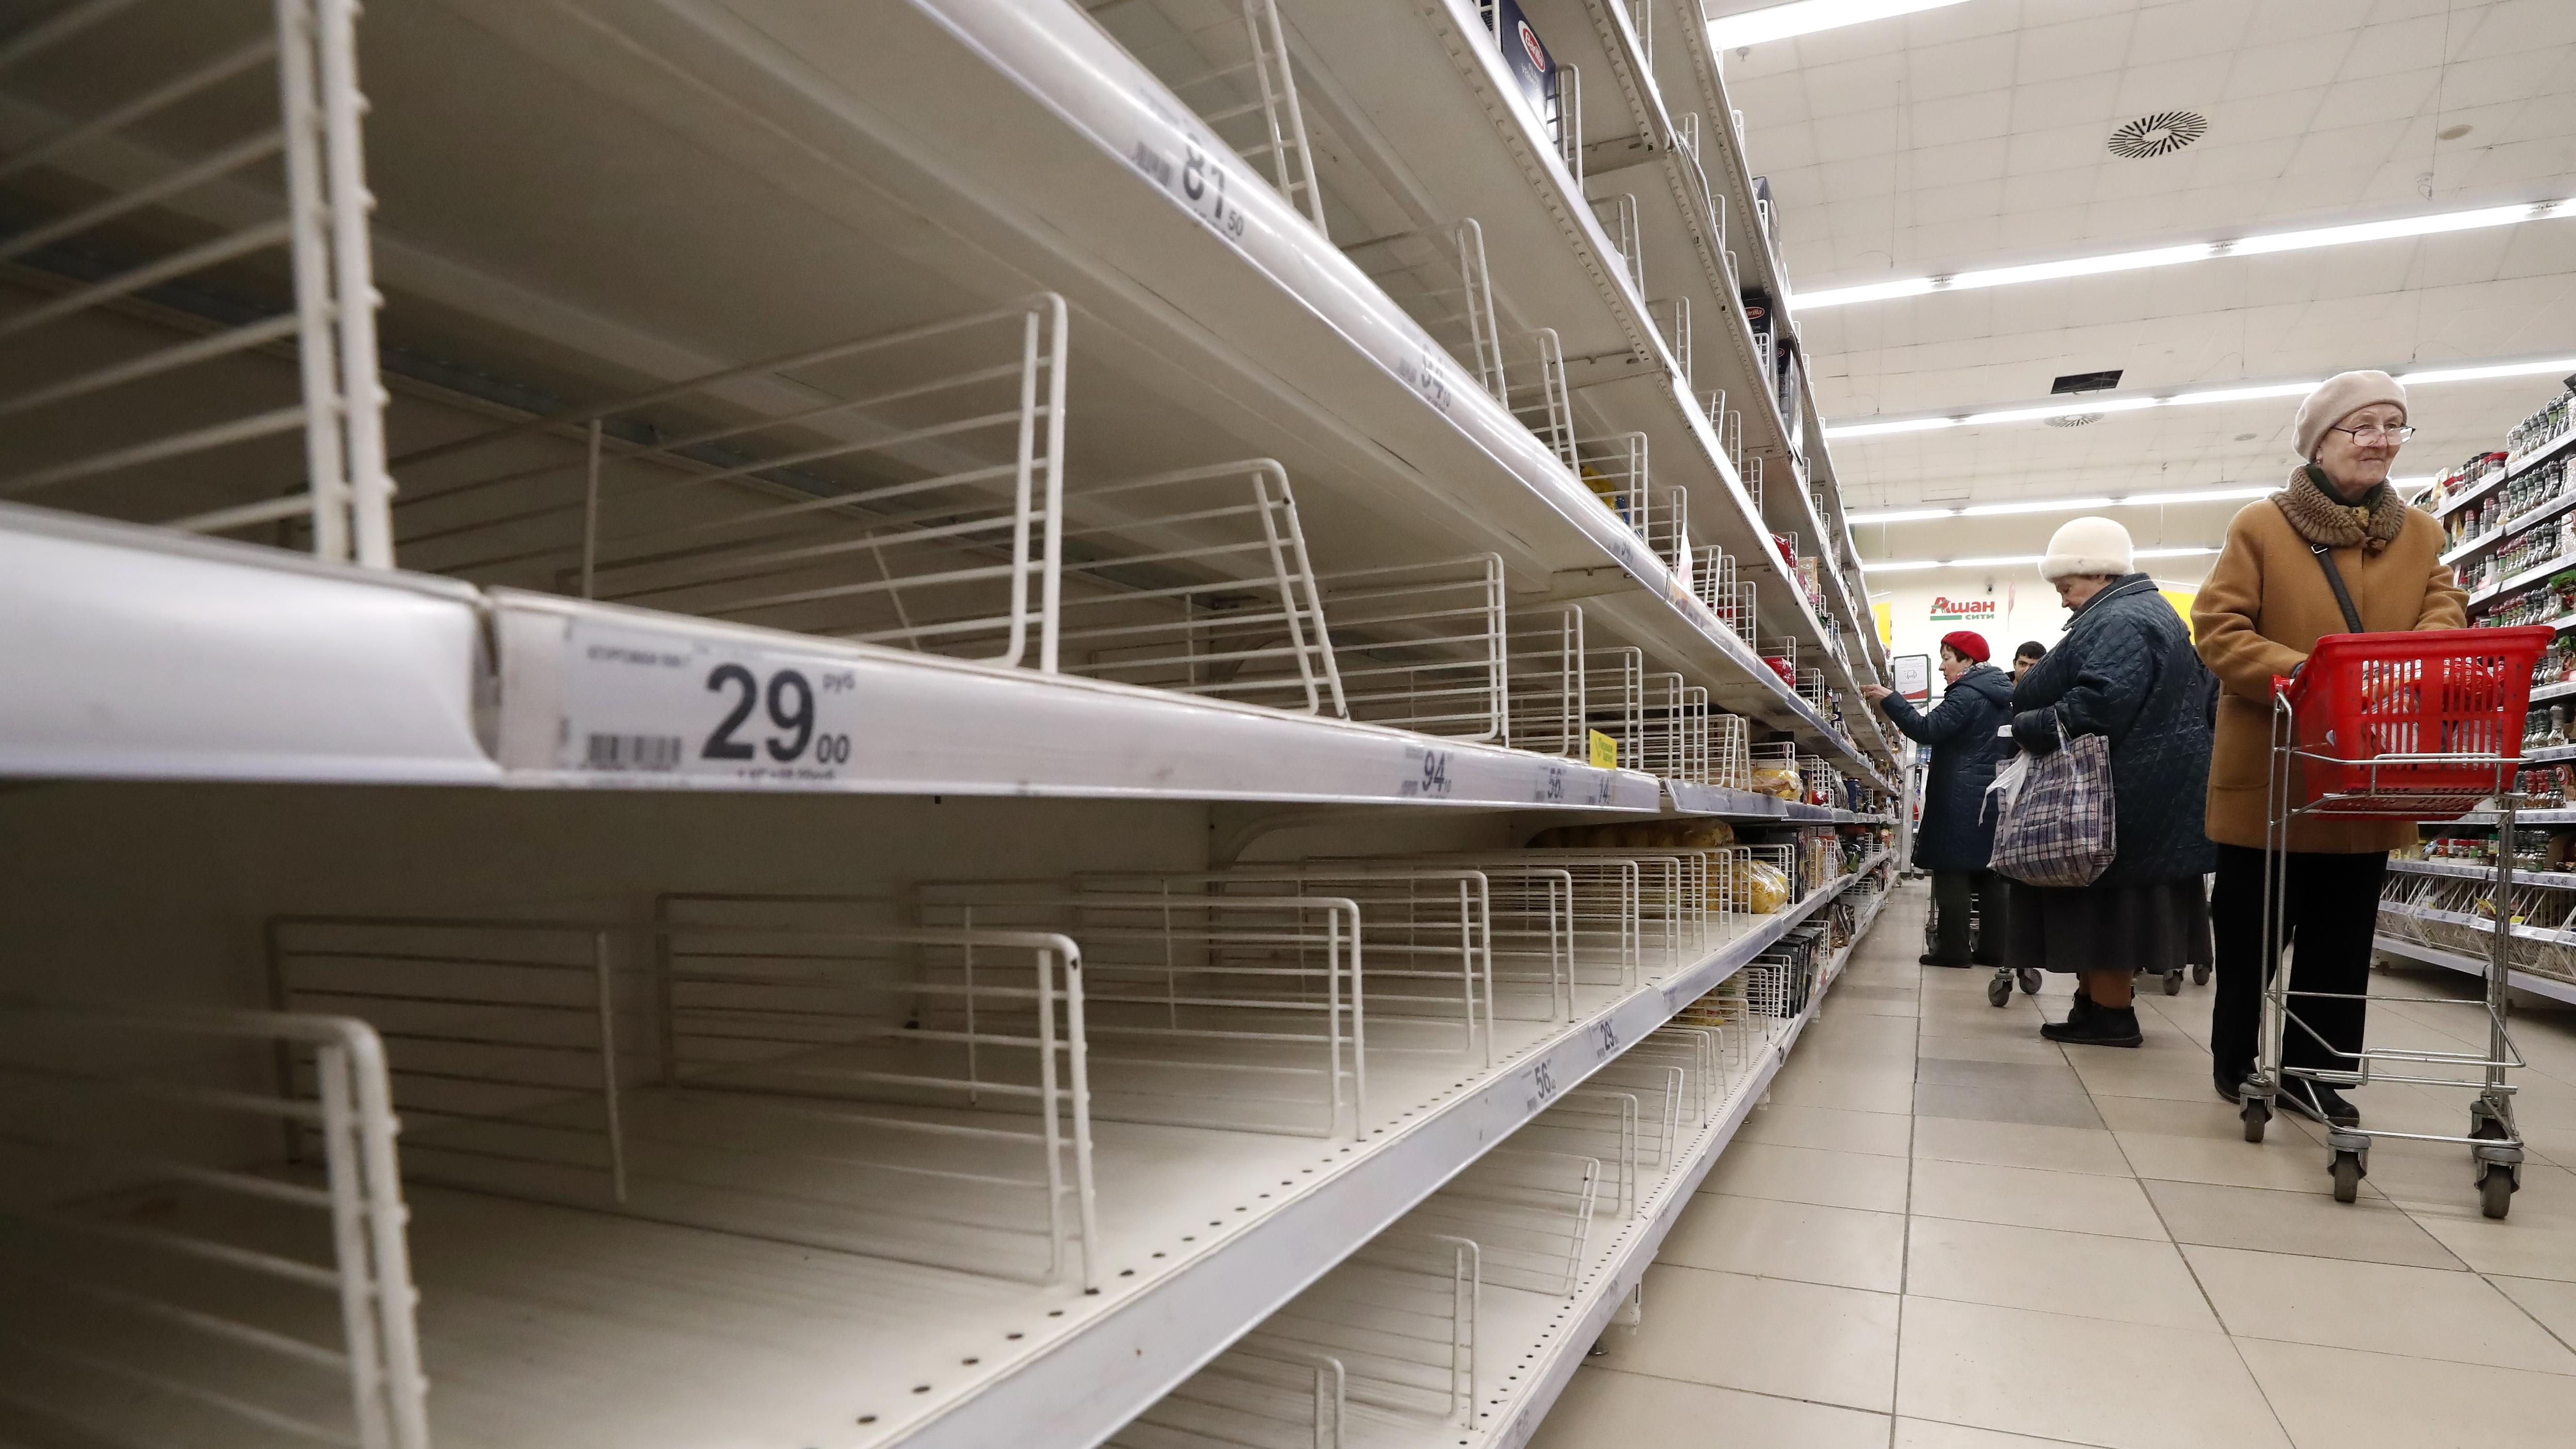 <p>Празни рафтове в секцията за сухи храни на супермаркет в Подолск, извън Москва, Русия.</p>